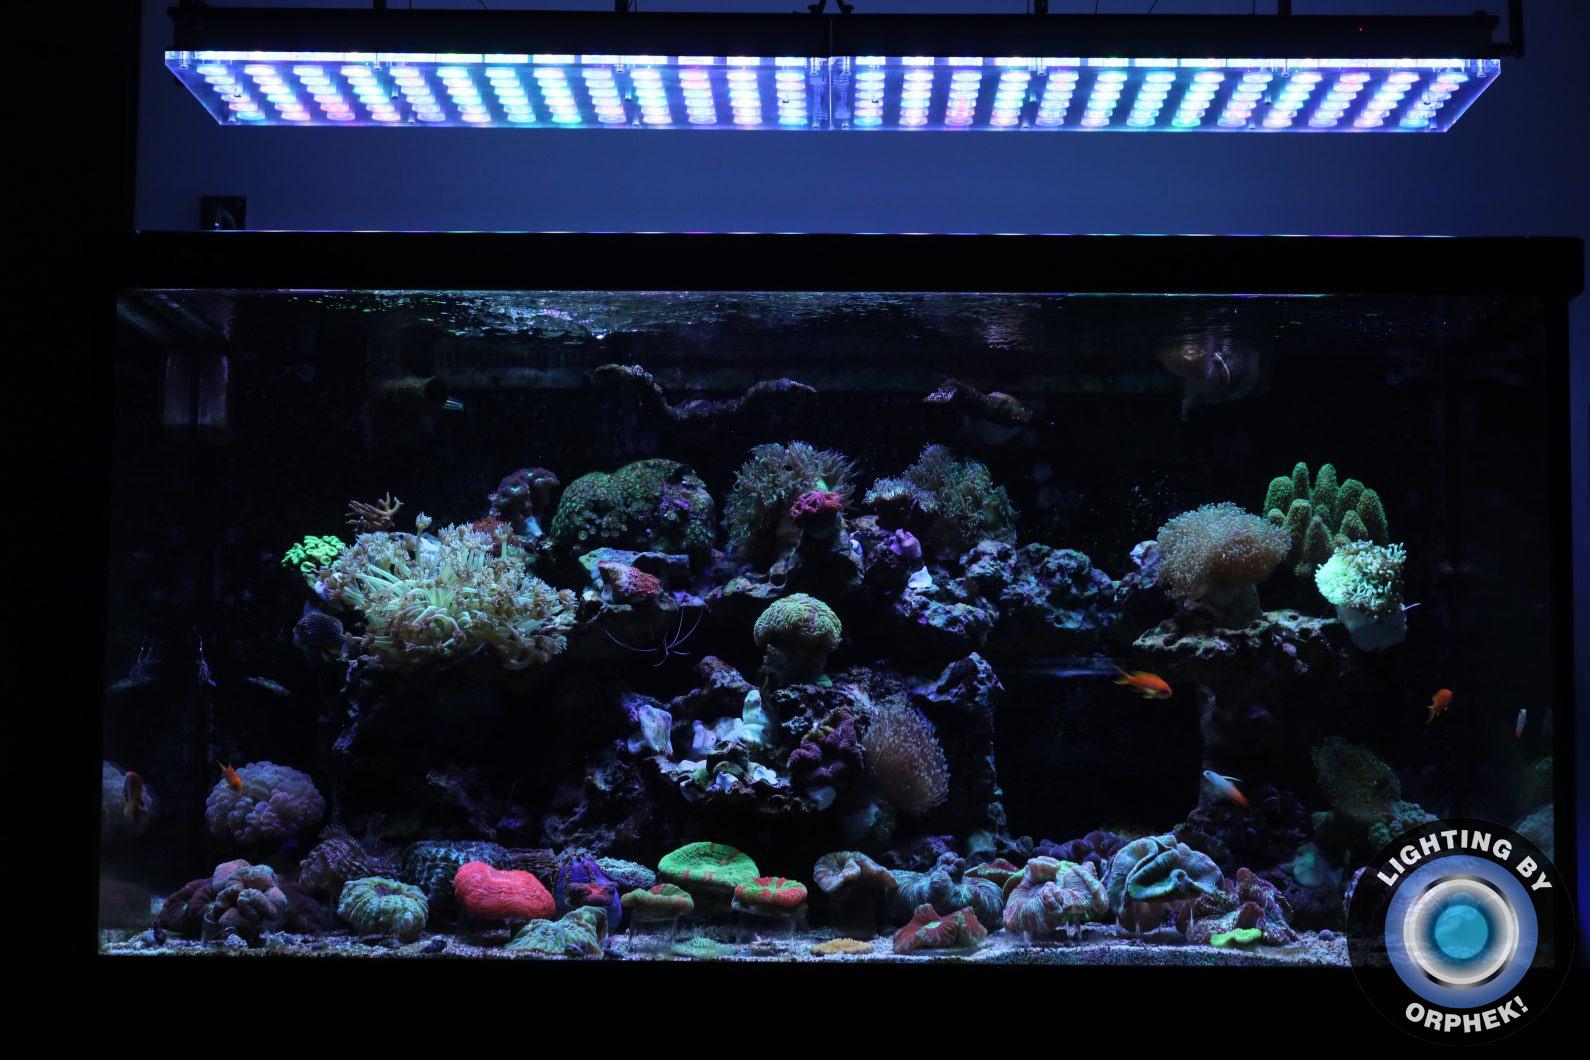 orphek najlepsza rafa LED 2020